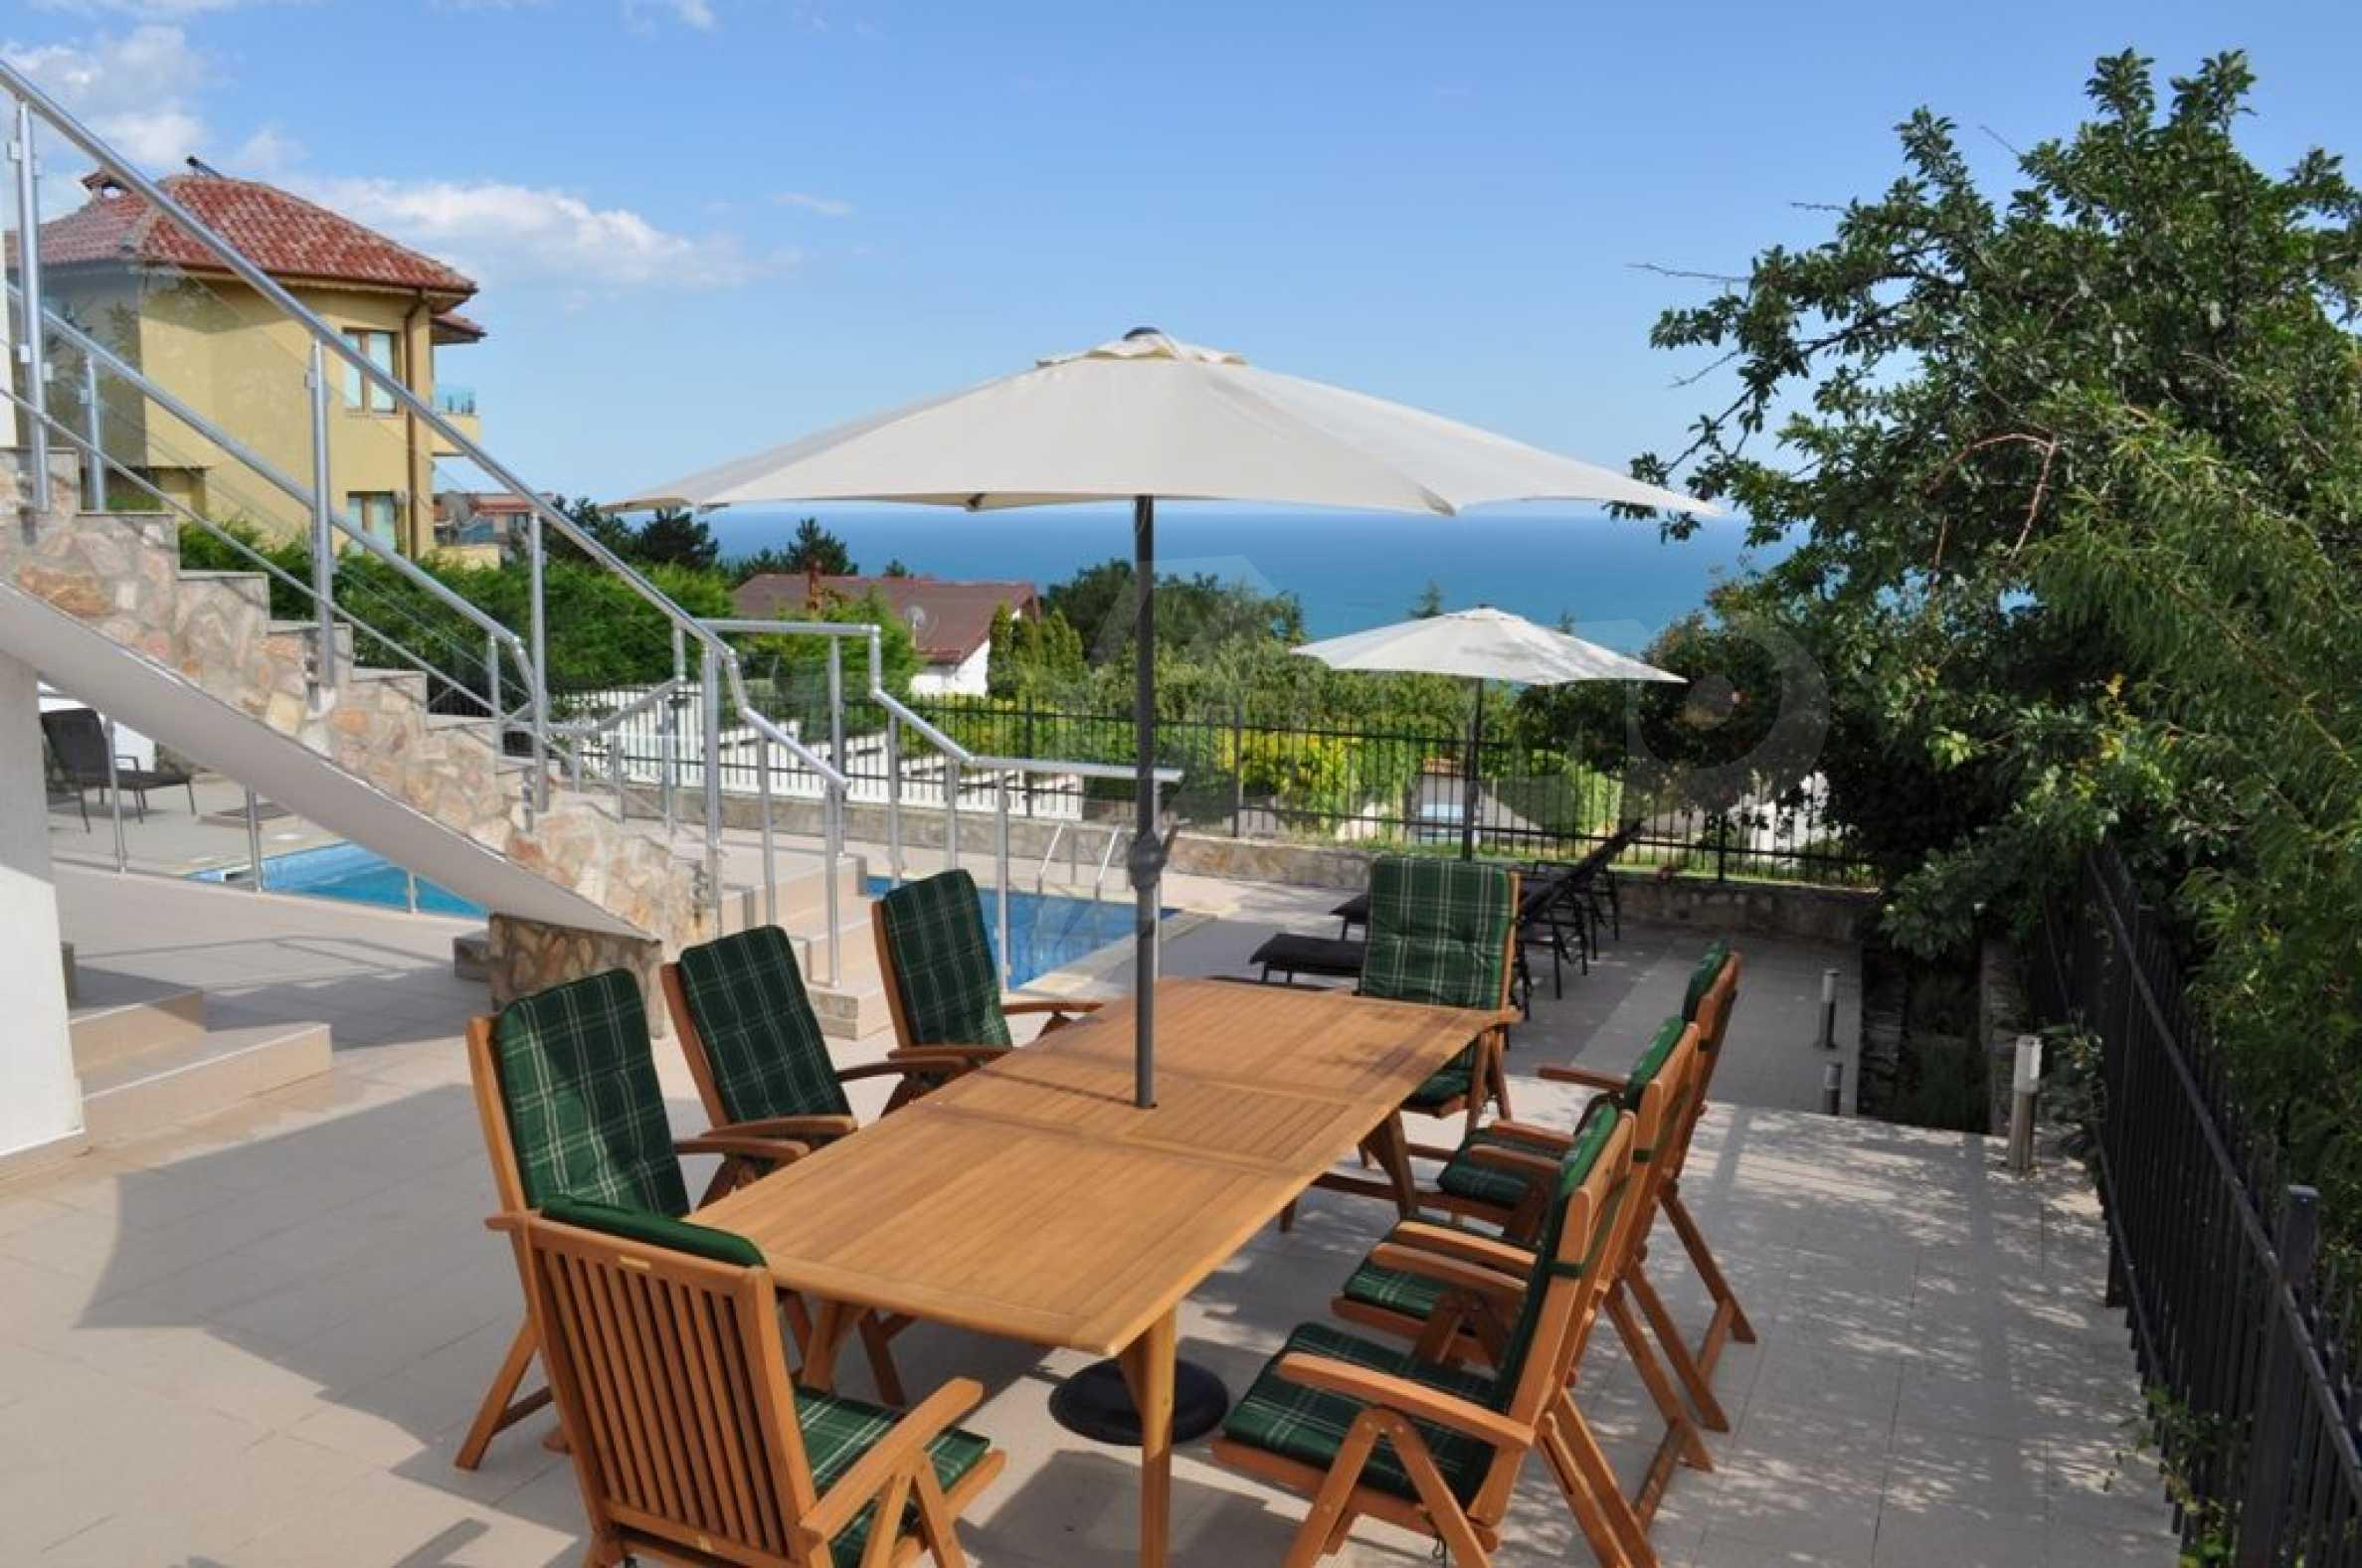 Luxusvilla mit 4 Schlafzimmern zu vermieten in der Nähe des Resorts. Albena 21